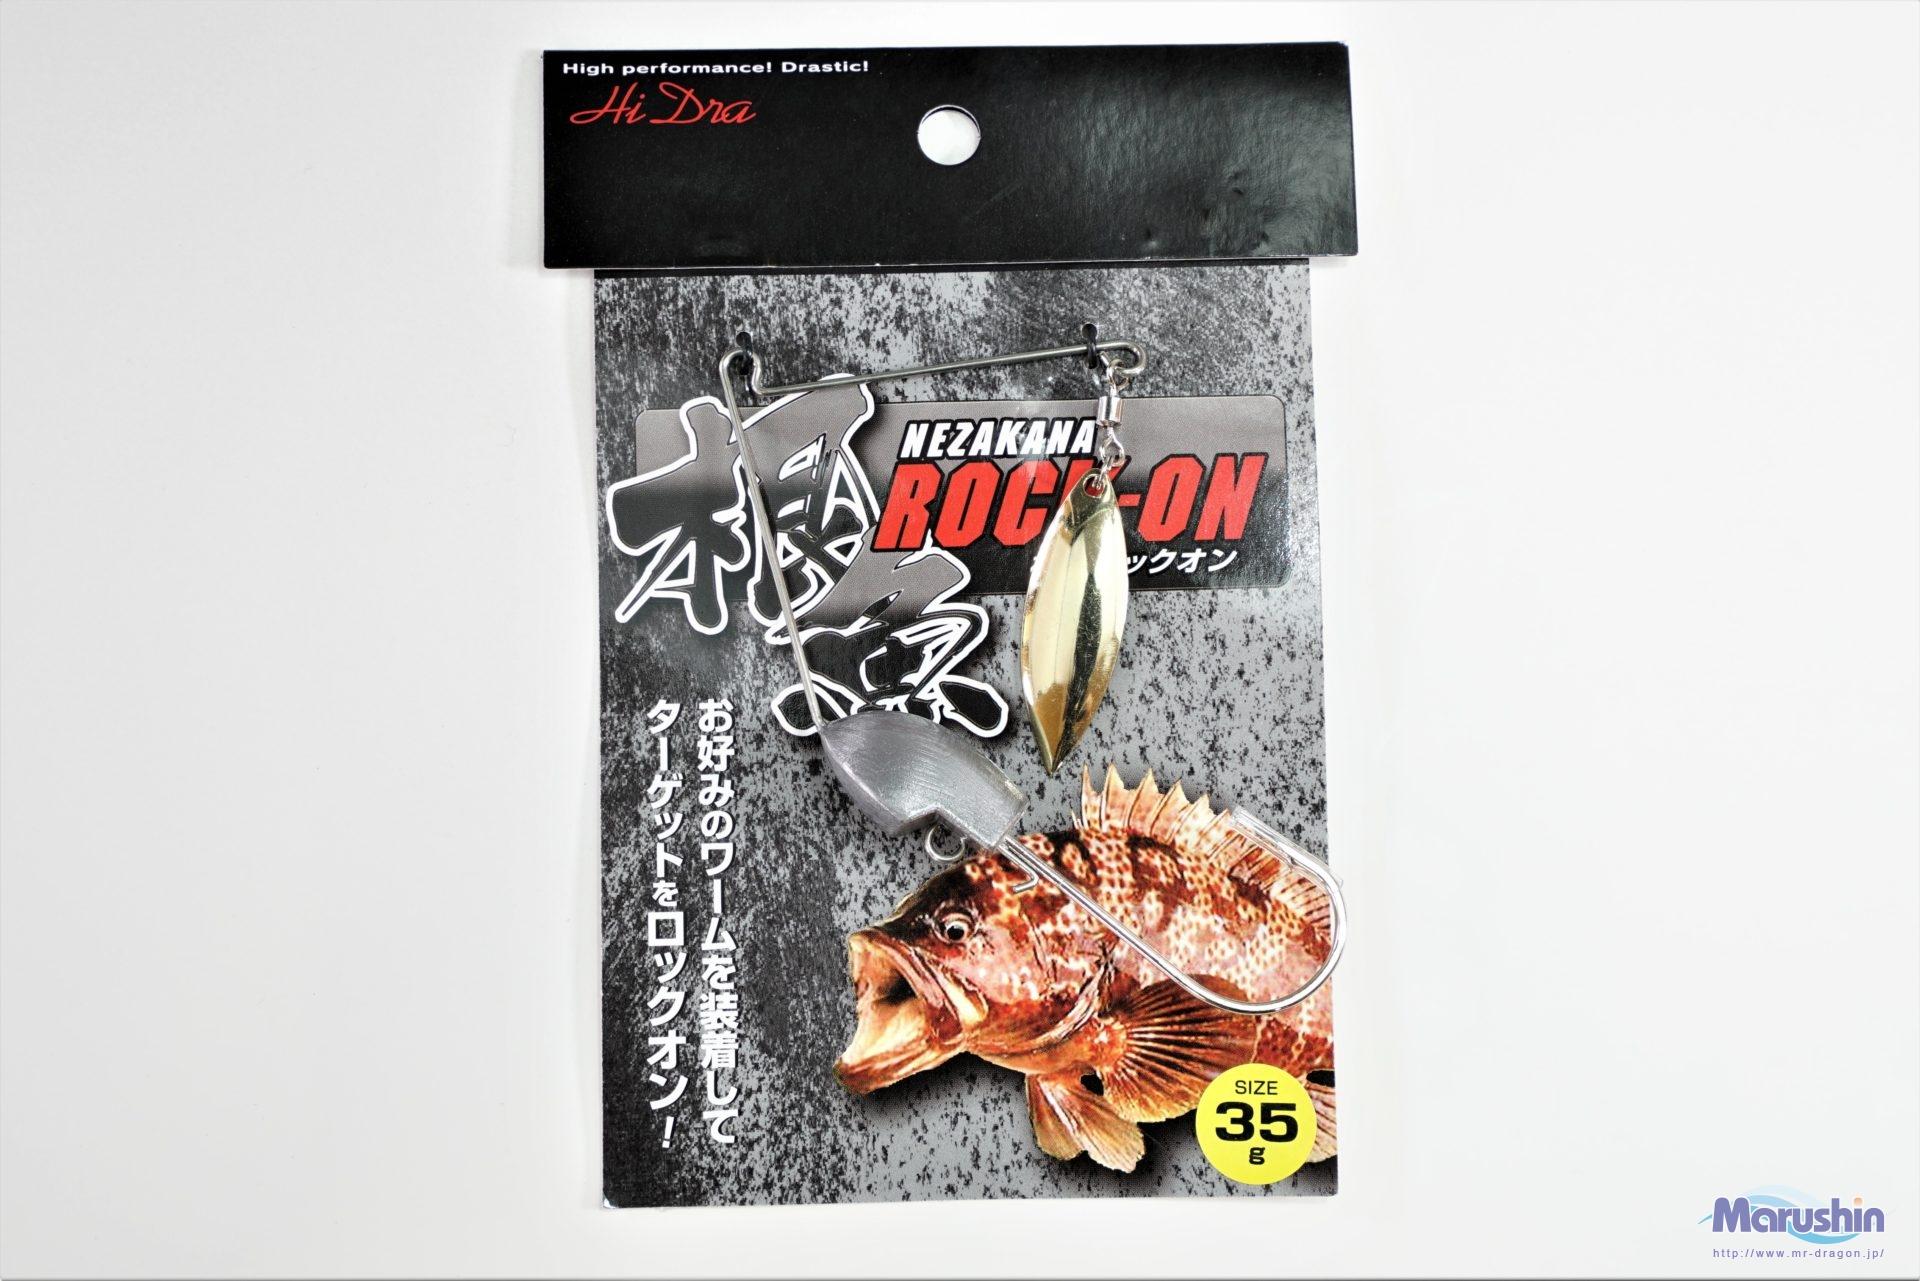 根魚ロックオン(14g~28g)(35g、42g規格追加)イメージ画像